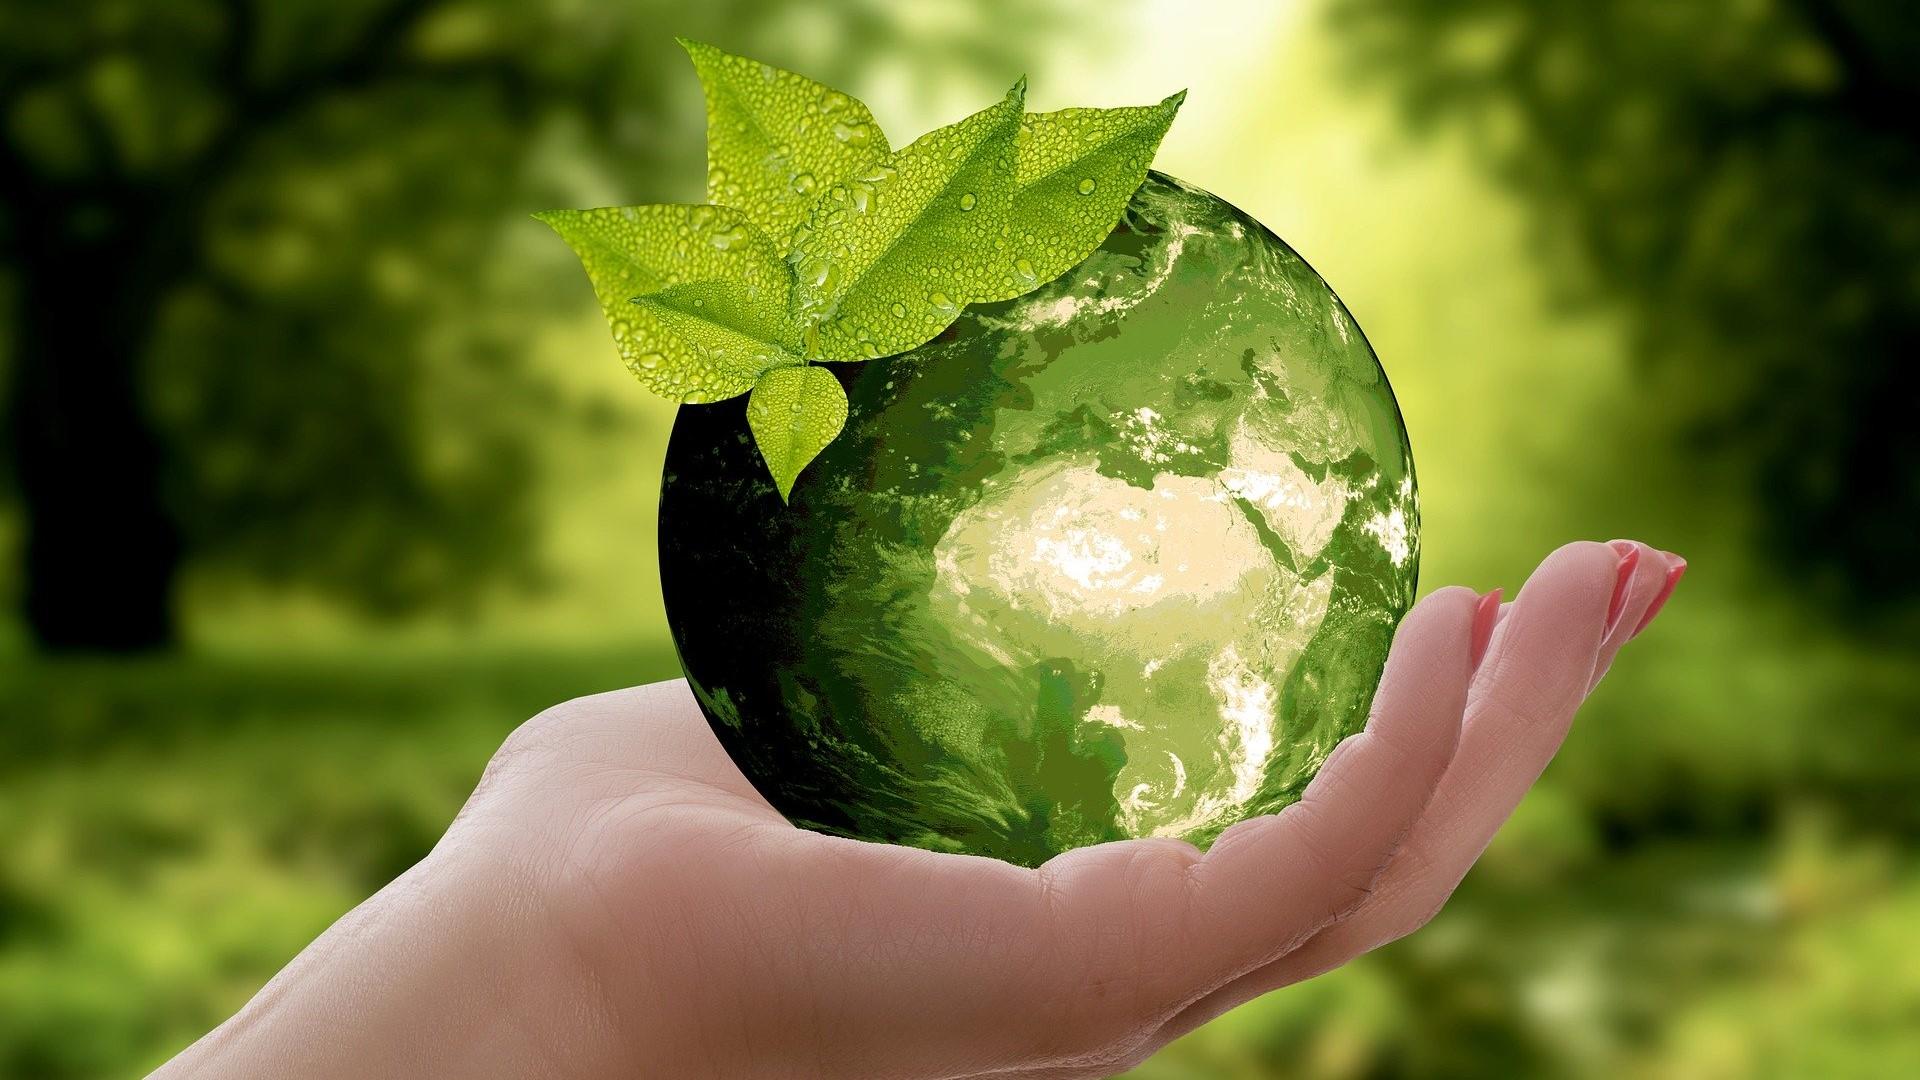 фотографии на тему окружающая среда каждом историческом регионе